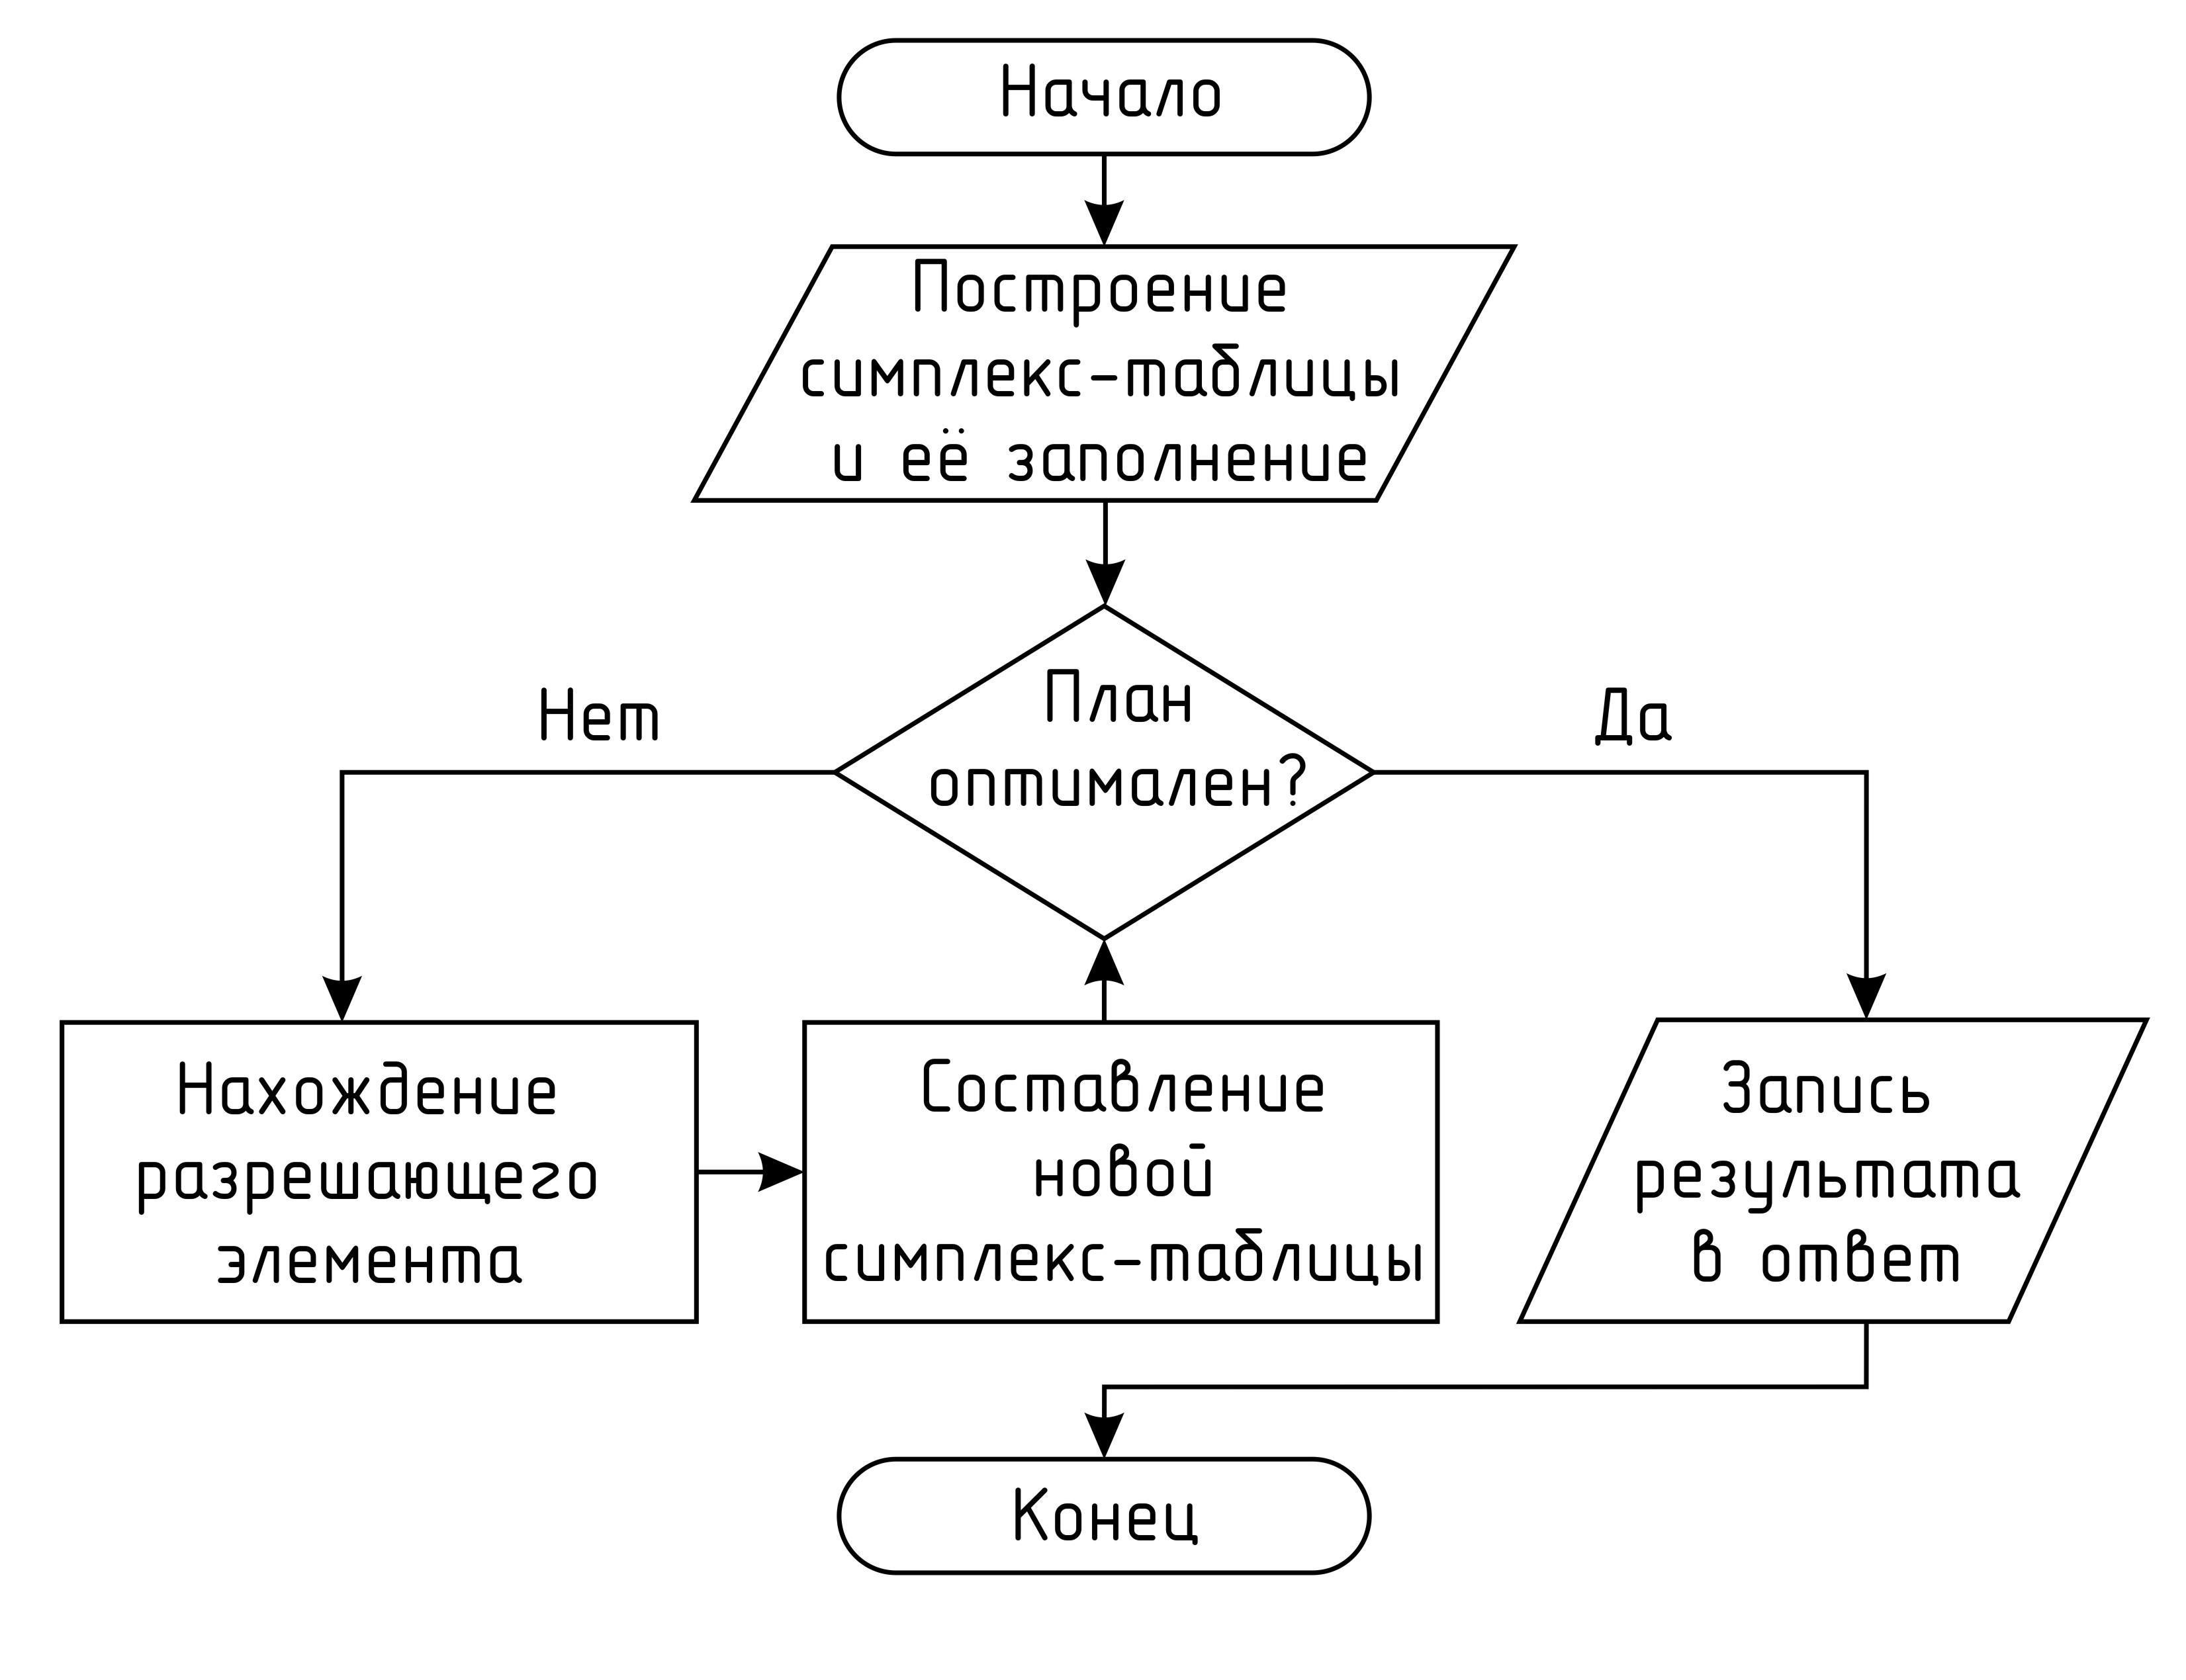 Схема решений задач линейного программирования задачи на напряженность поля с решением